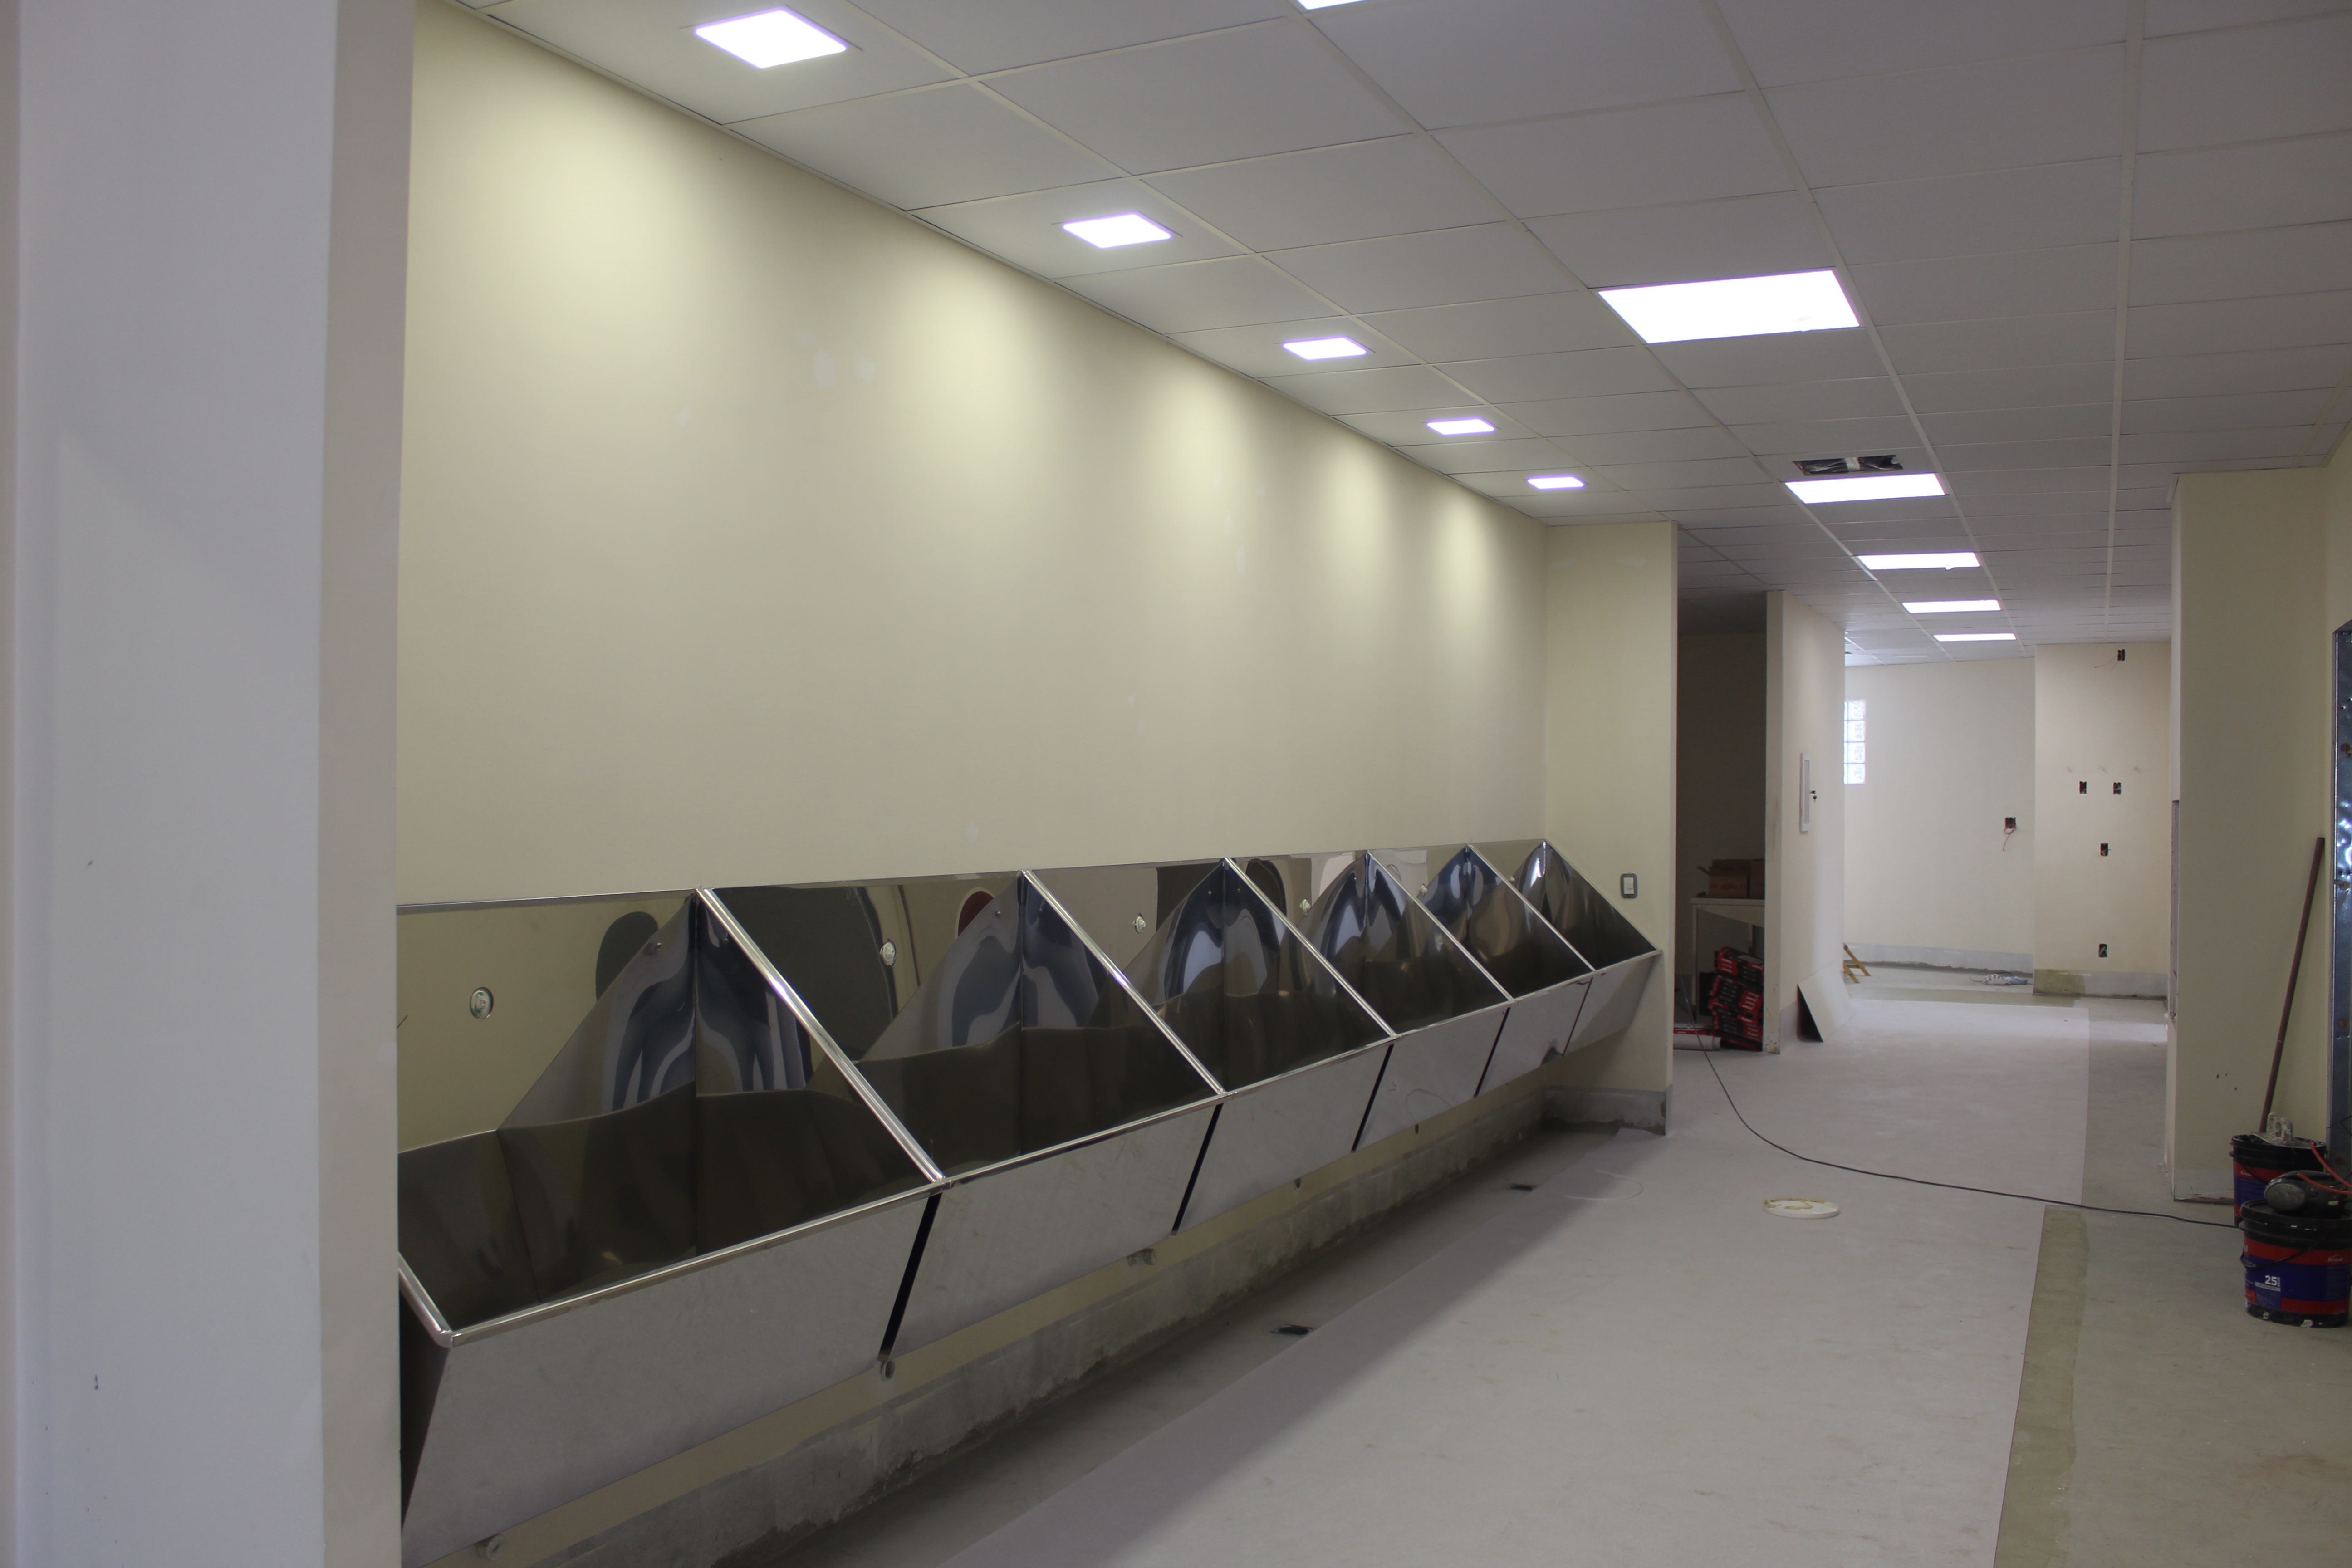 Nos 163 anos de Passo Fundo, Hospital de Olhos Lions lembra avanços nas obras de ampliação e modernização